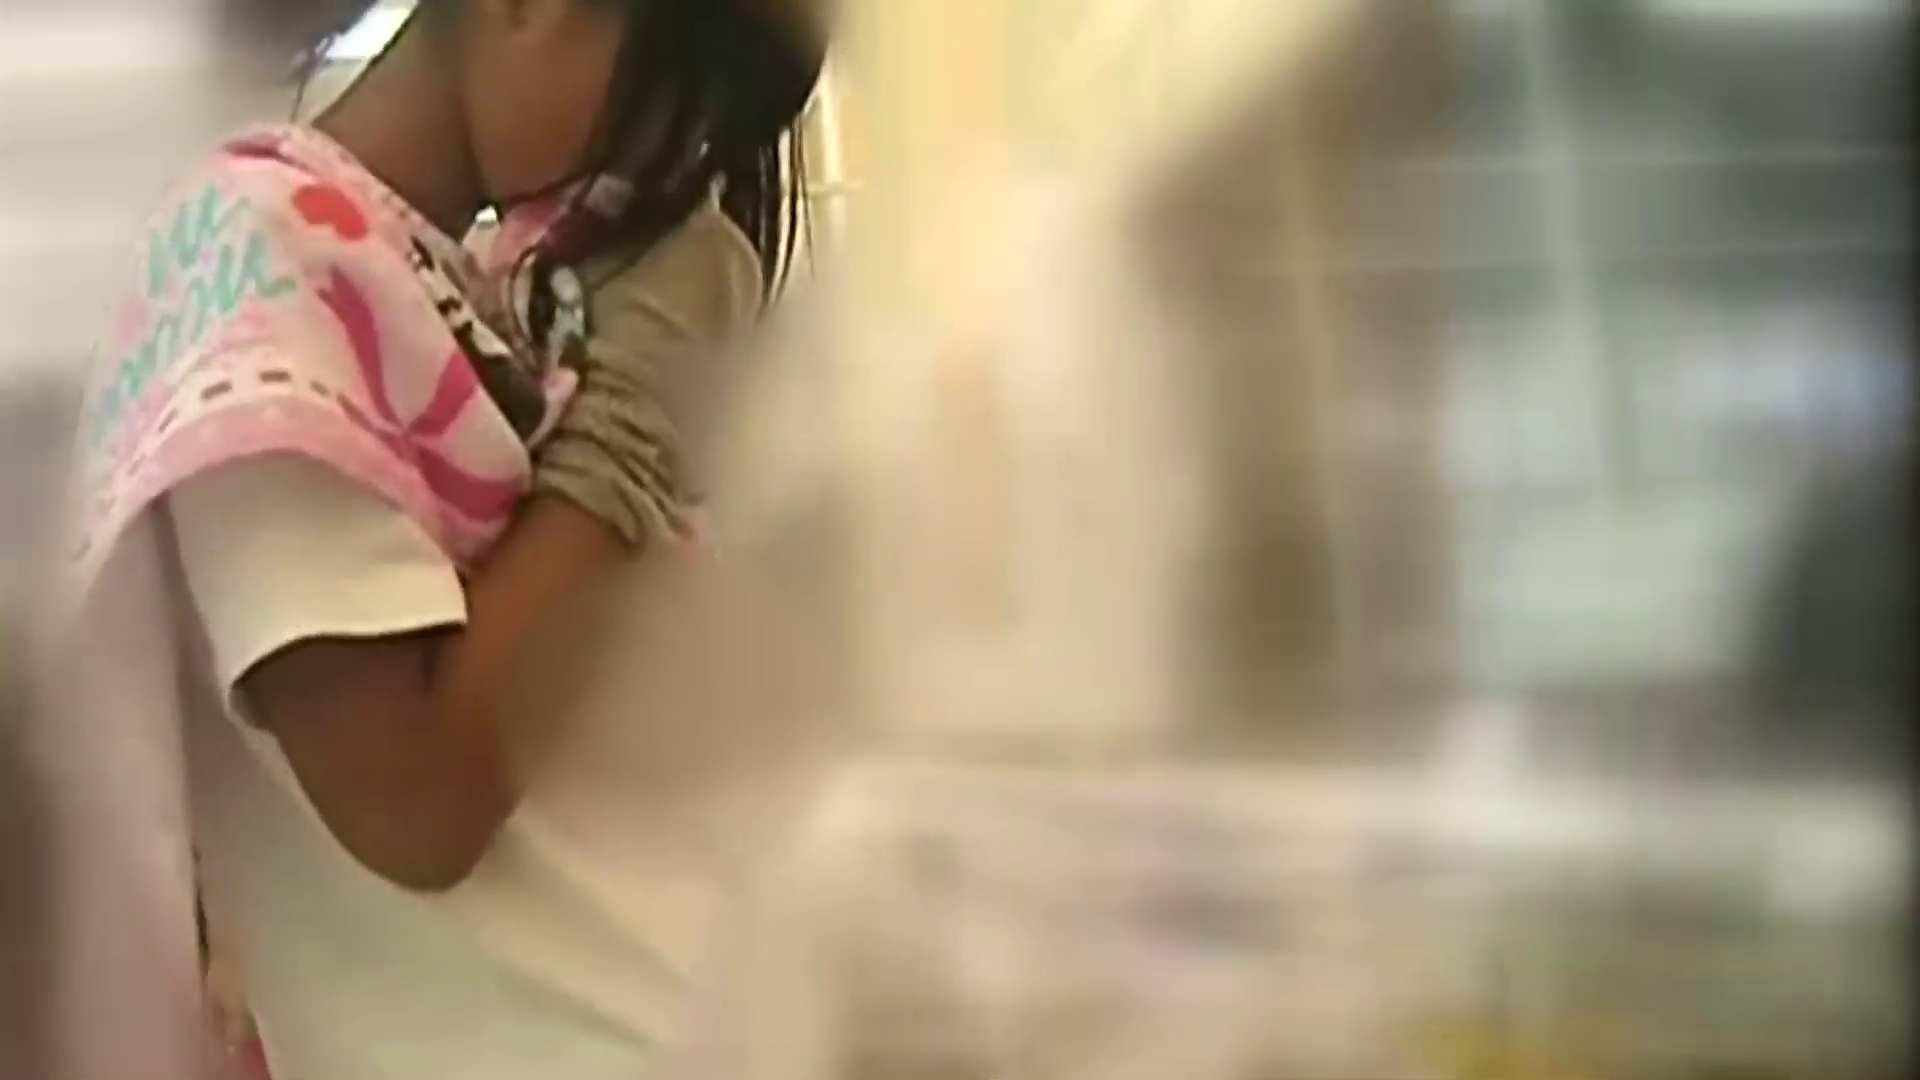 ▲復活限定▲スーパーの女の子 Vol.01 潜入  79画像 40